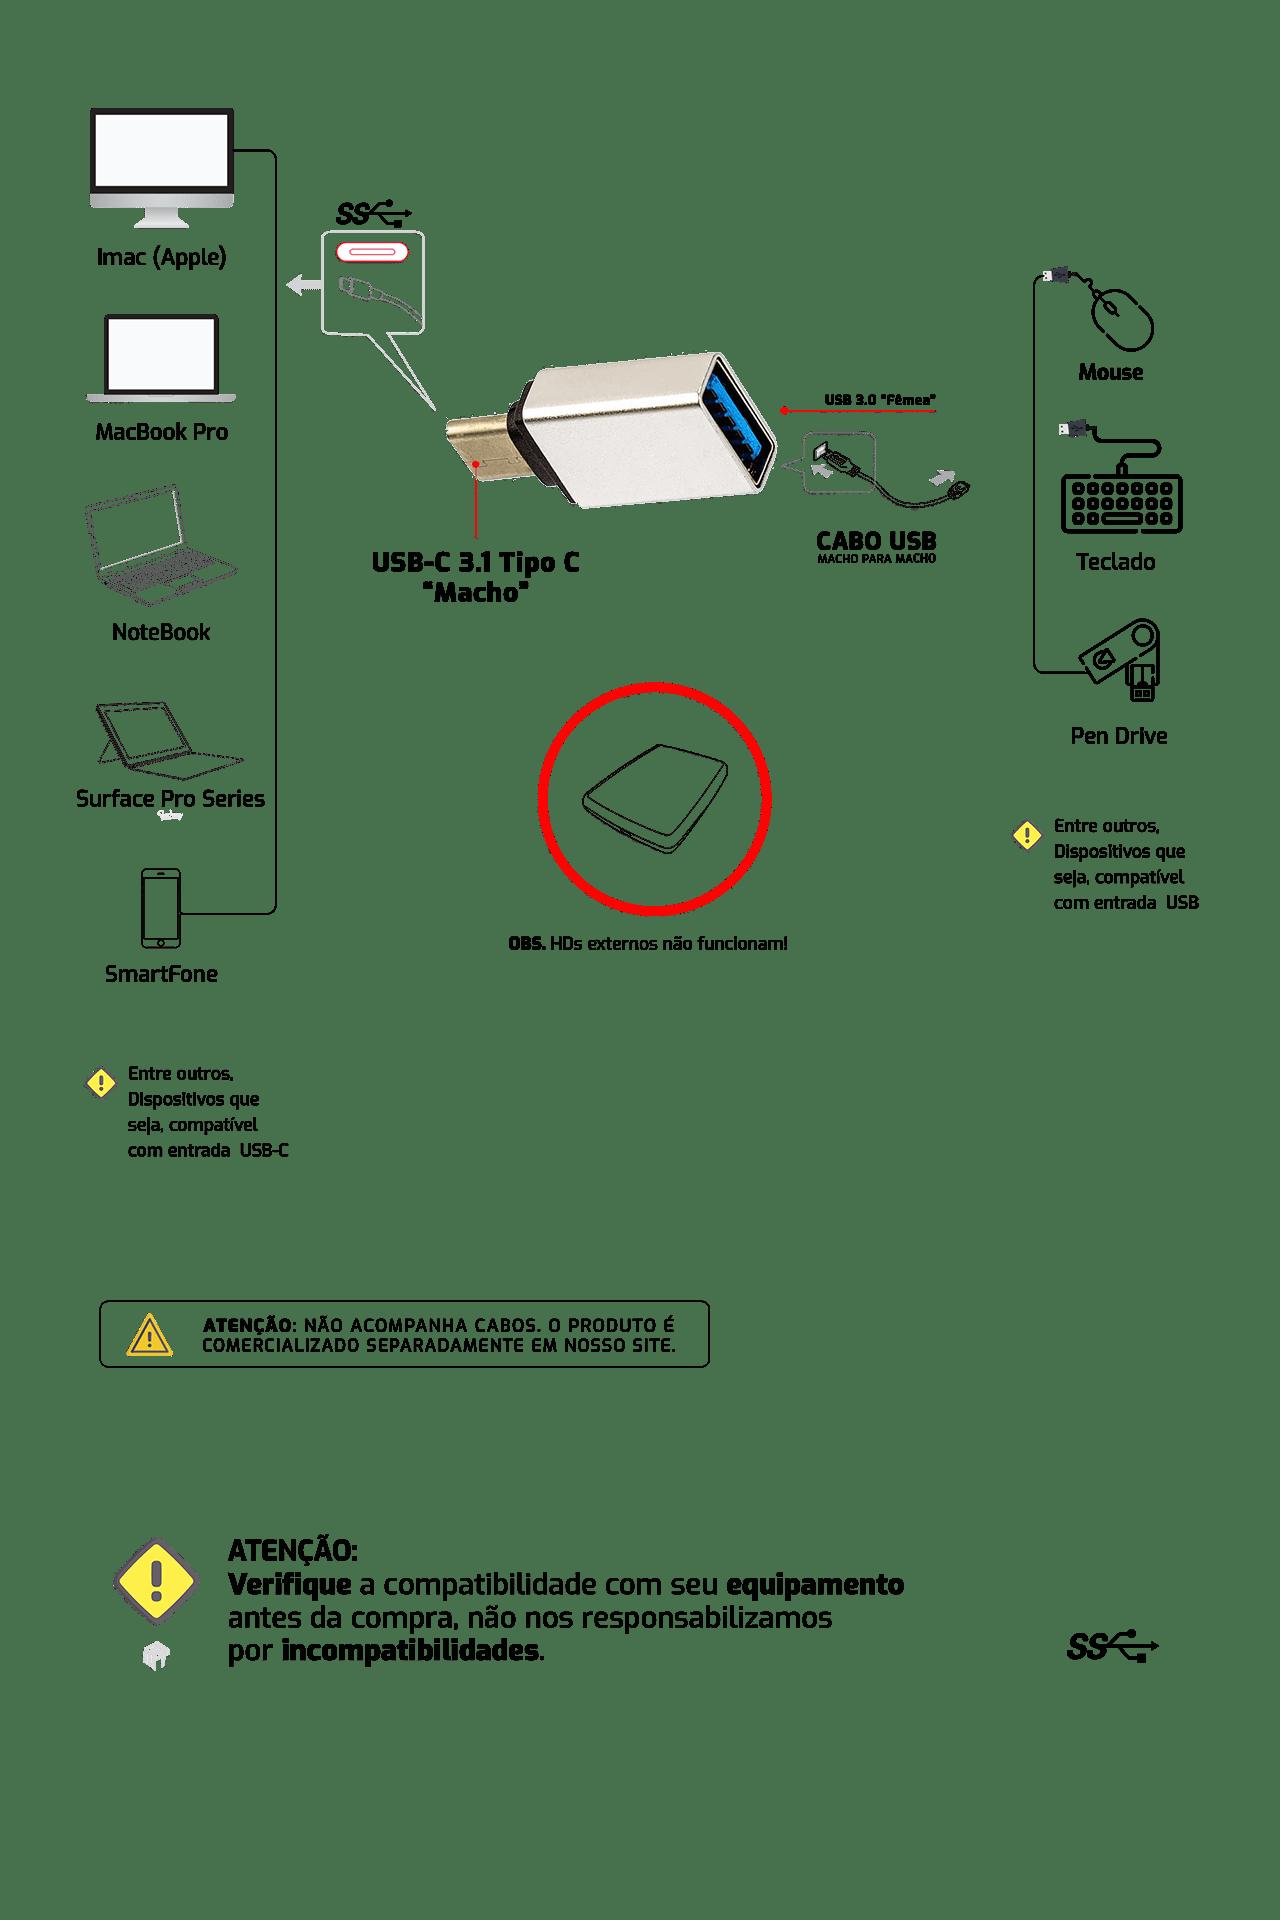 Adaptador Usb-C Usb 3.0 com Função OTG